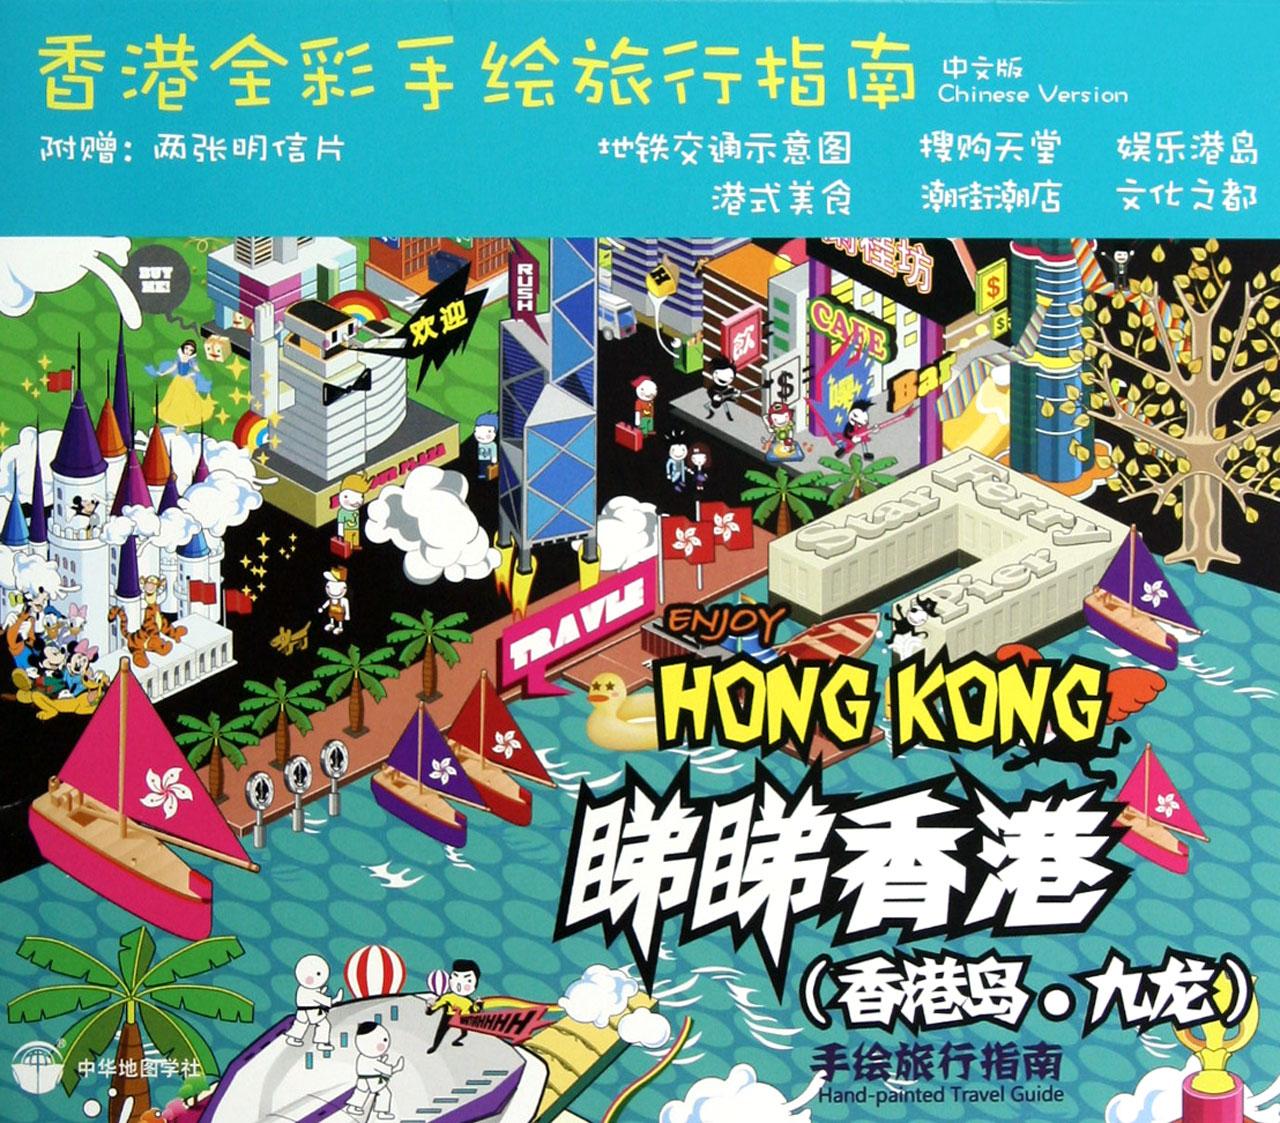 香港九龙彩囹n�_睇睇香港(香港岛九龙手绘旅行指南香港全彩手绘旅行指南)-博库网